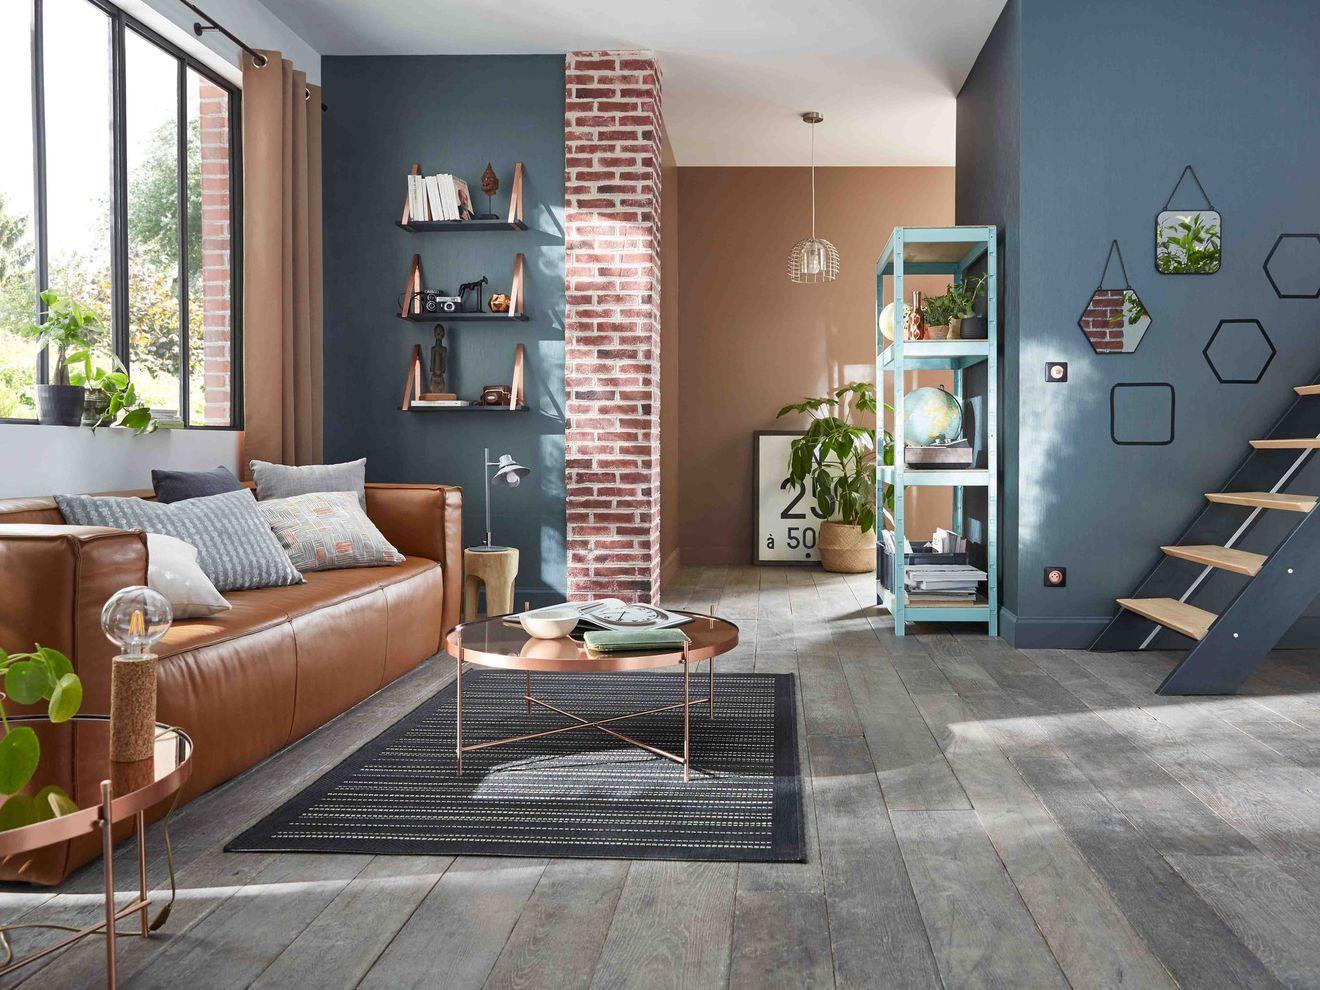 peinture salon 30 couleurs tendance pour repeindre le salon salle a manger salon pinterest. Black Bedroom Furniture Sets. Home Design Ideas